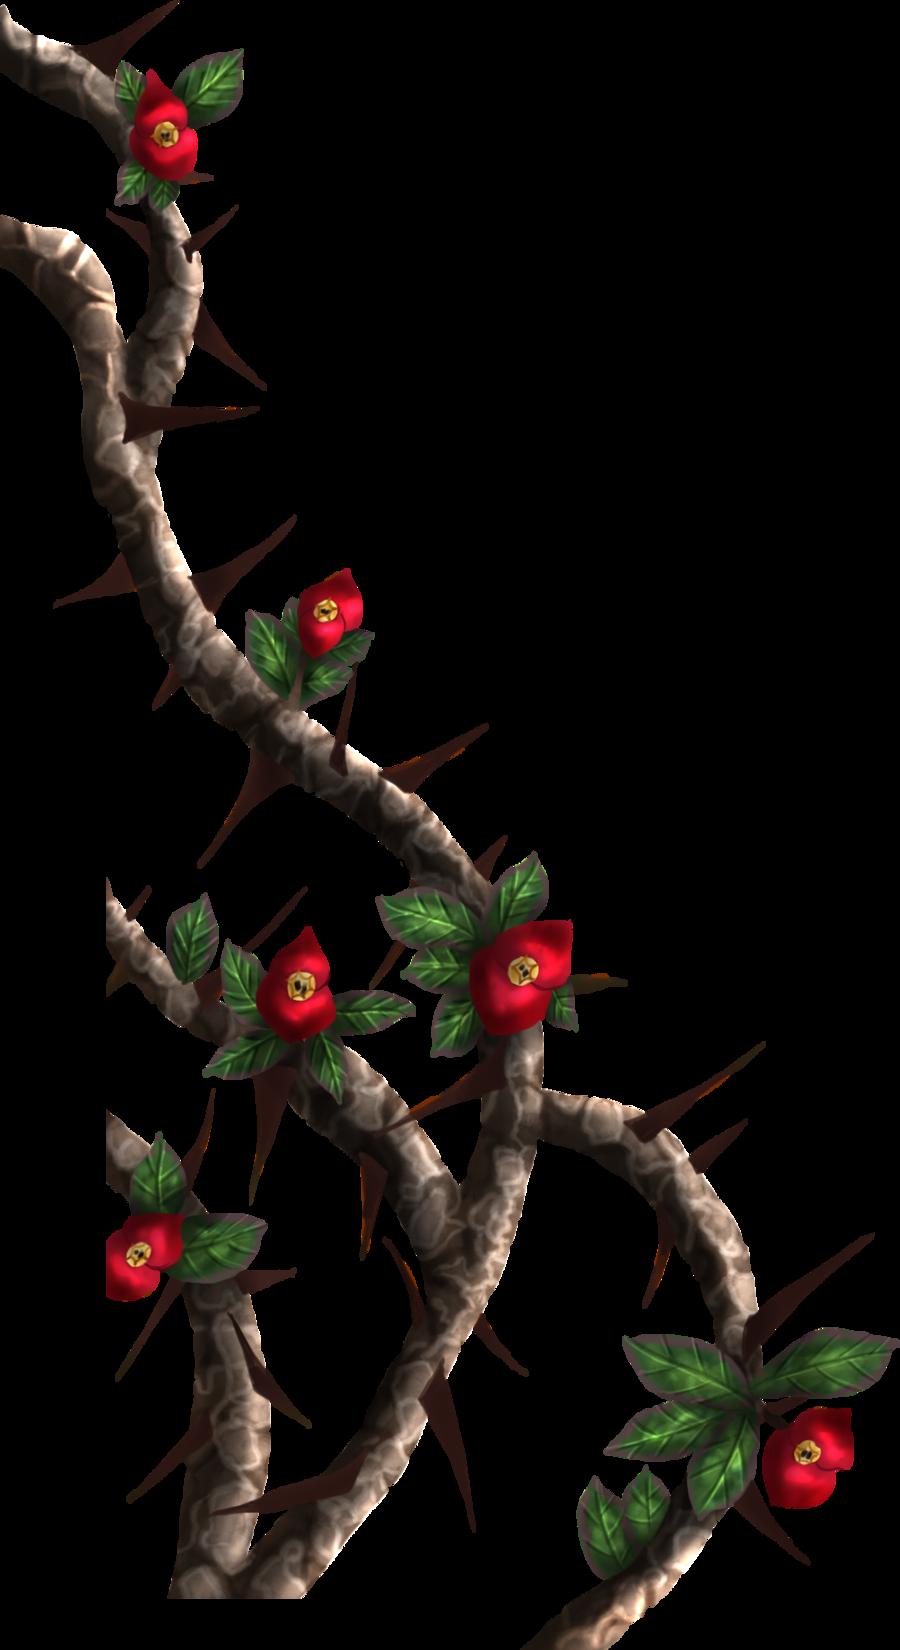 Thorn clip art billigakontaktlinser. Crown of roses clipart